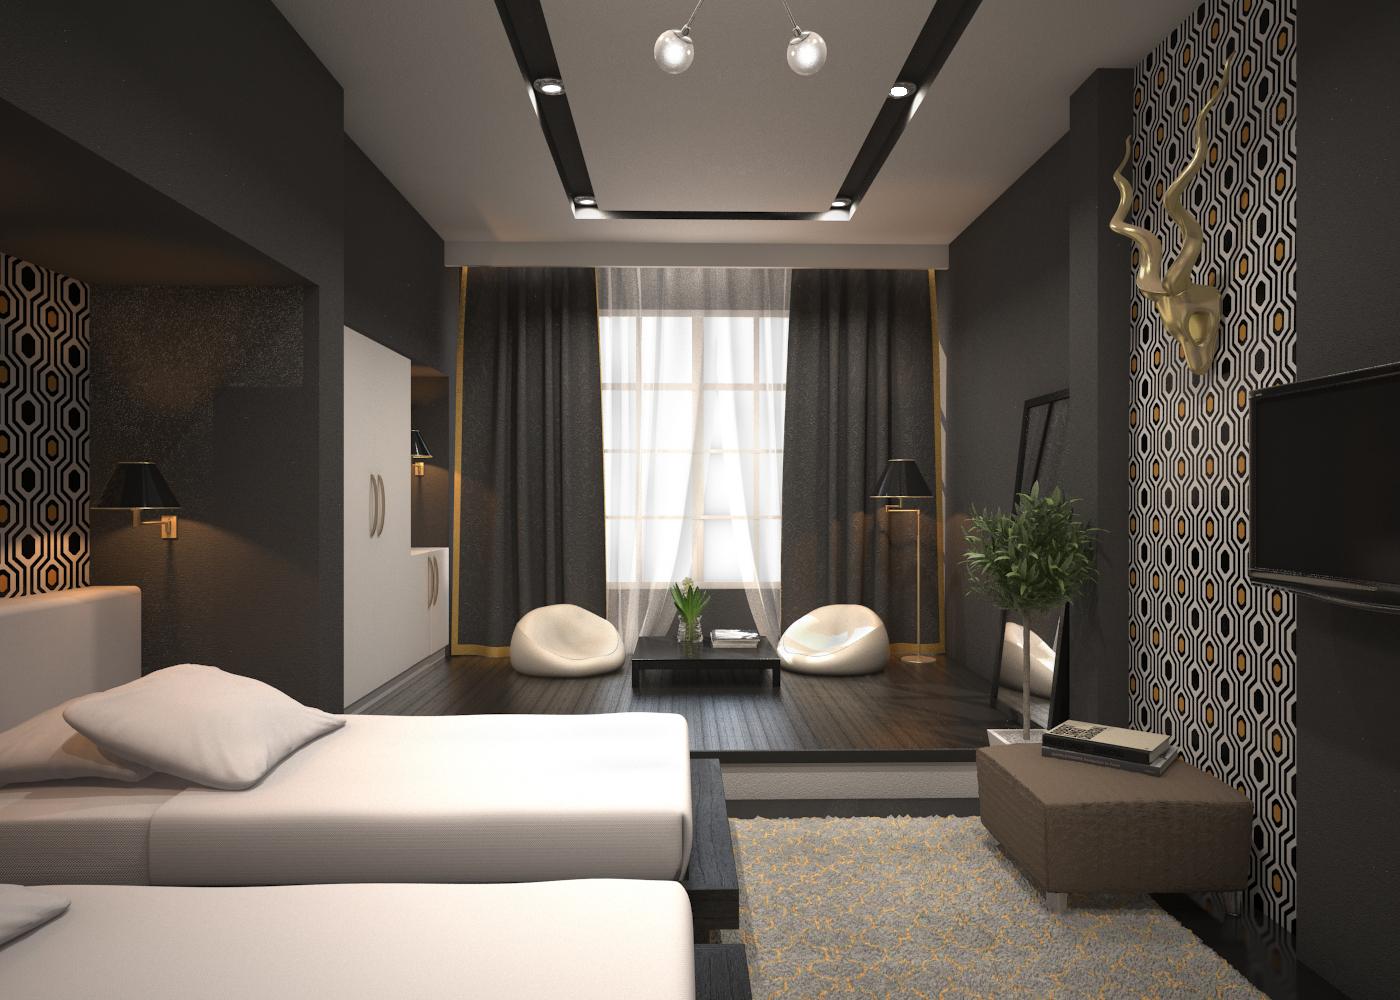 MODERN HOTEL ROOM 3D Model